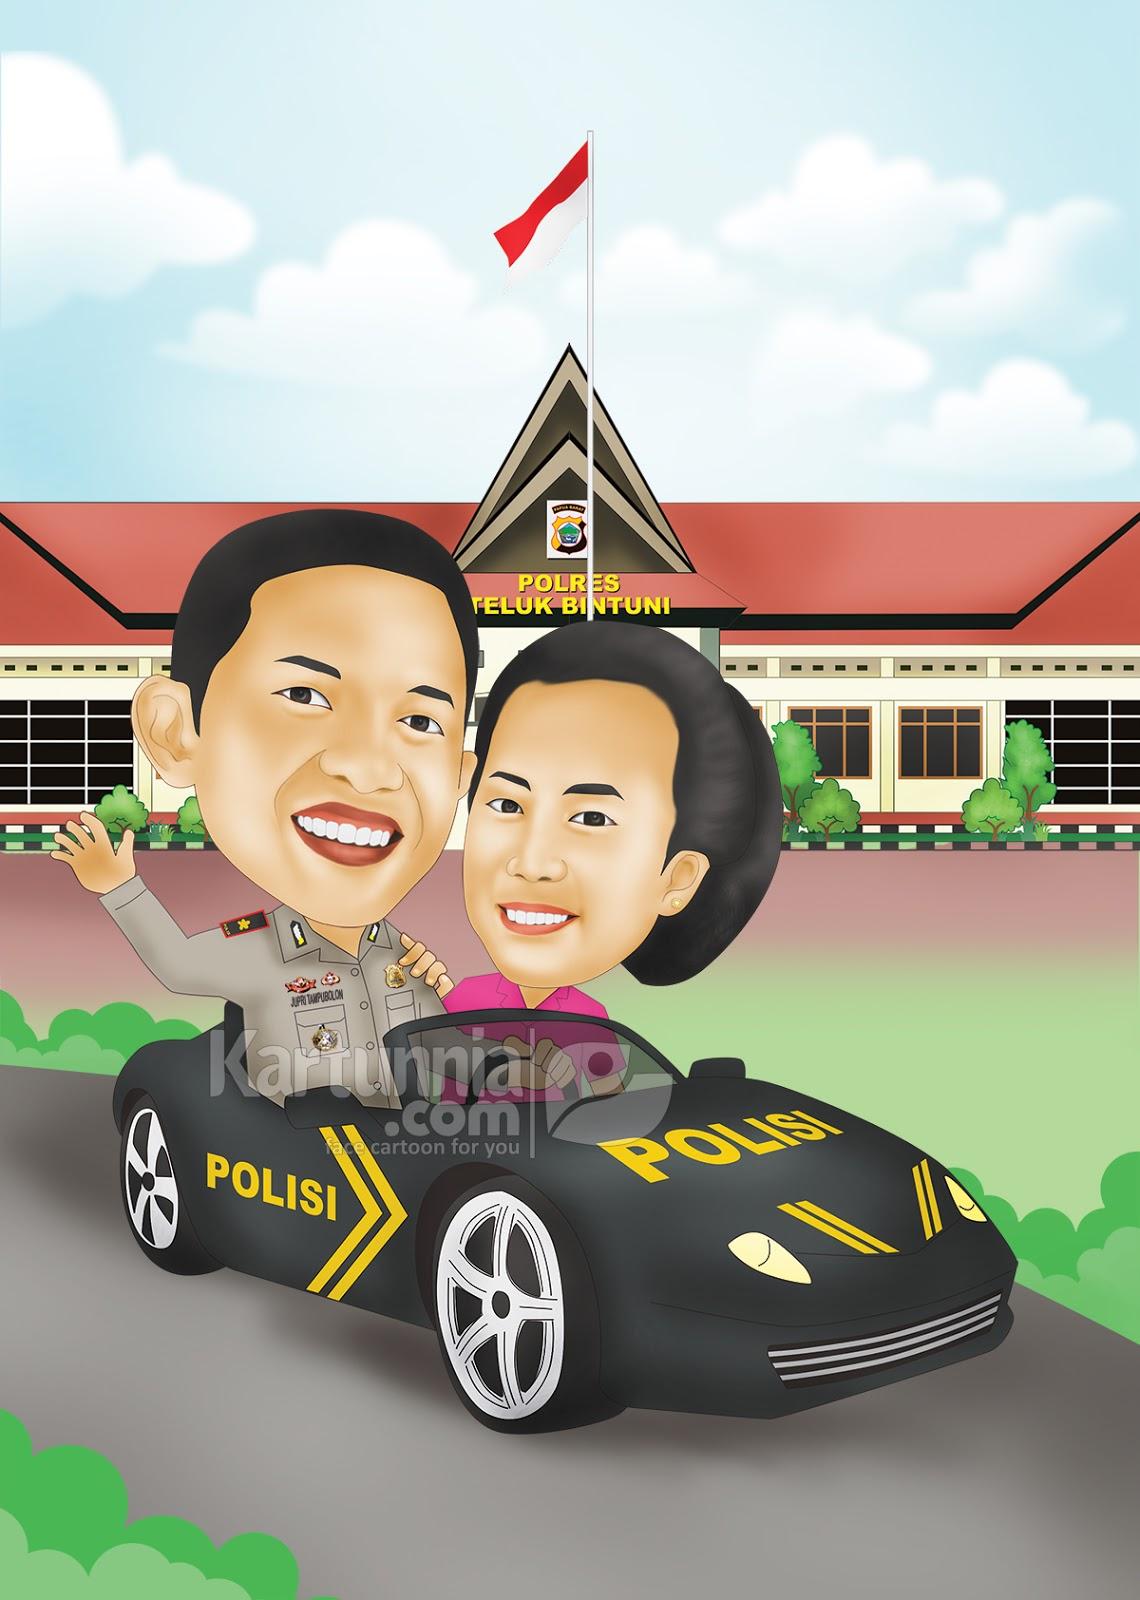 Karikatur Polisi Naik Mobil Kartunnia Com